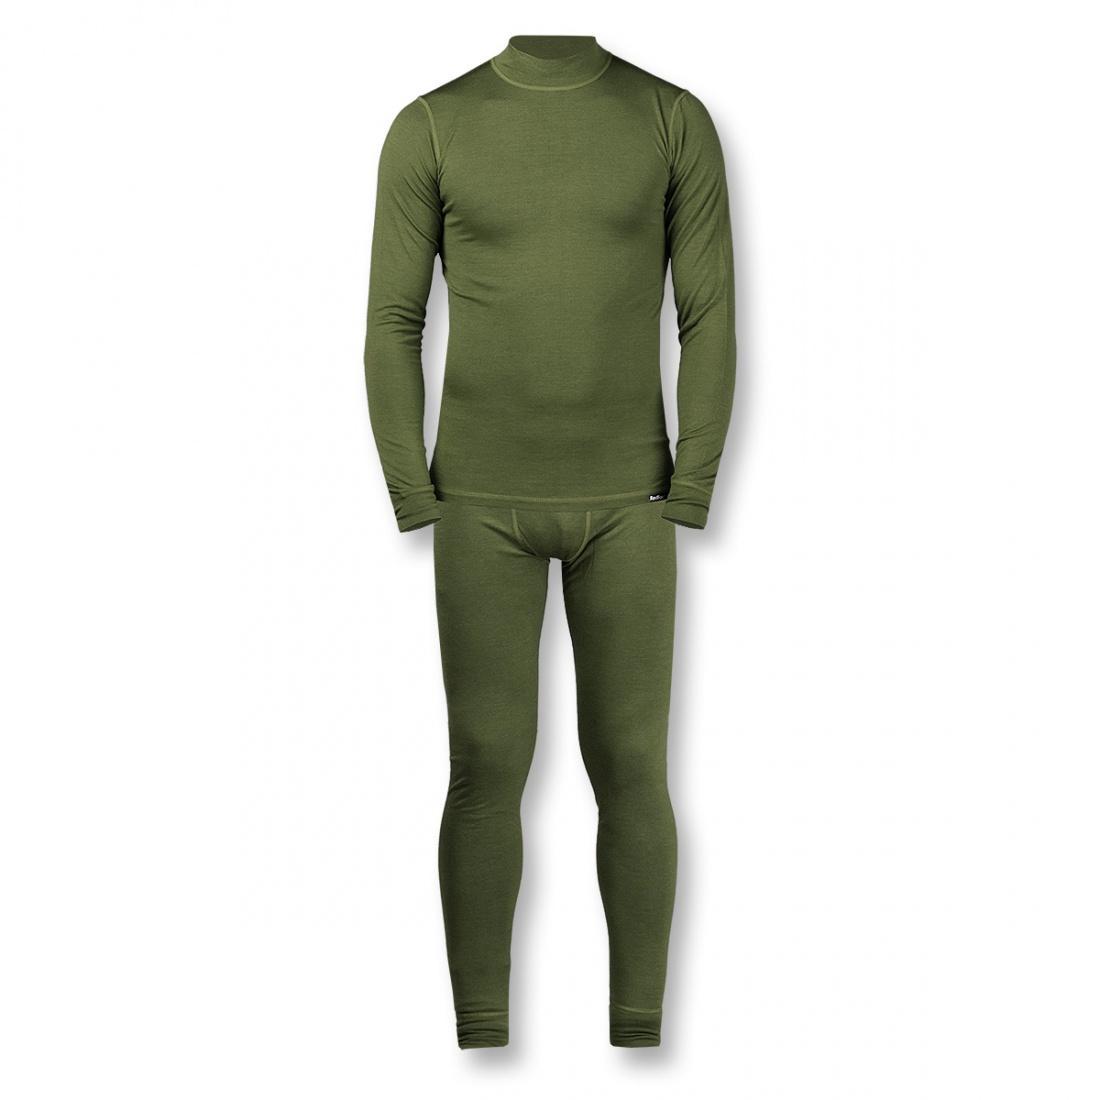 Термобелье костм Wool Dry Light МужскойКомплекты<br><br> Теплое мужское термобелье дл лбителей одежды изнатуральных волокон.Выполнено из 100% мериносовой шерсти, естественнымобразом отводит влагу и сохранет тепло; притное ктелу. Диапазон использовани - лба погода от осенних дождей до зимних сн...<br><br>Цвет: Зеленый<br>Размер: 58